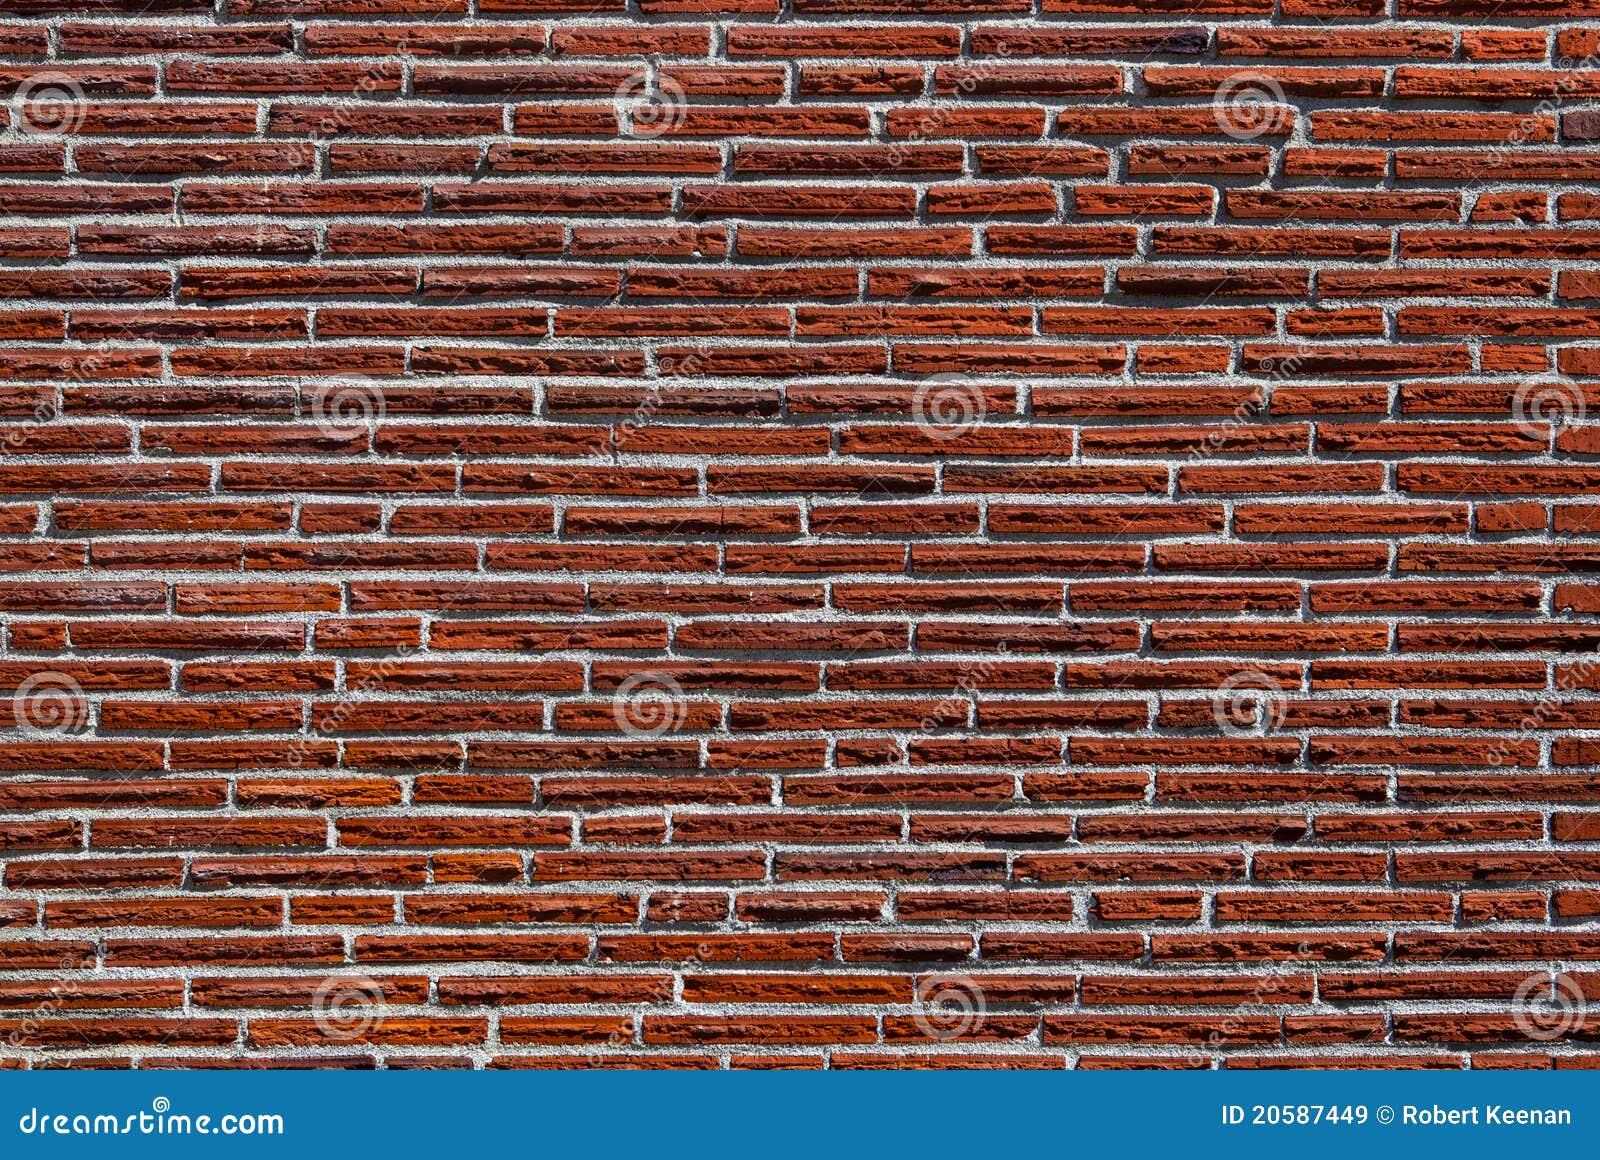 Magere rode bakstenen muur stock afbeelding afbeelding bestaande uit rood 20587449 - Rode bakstenen lounge ...